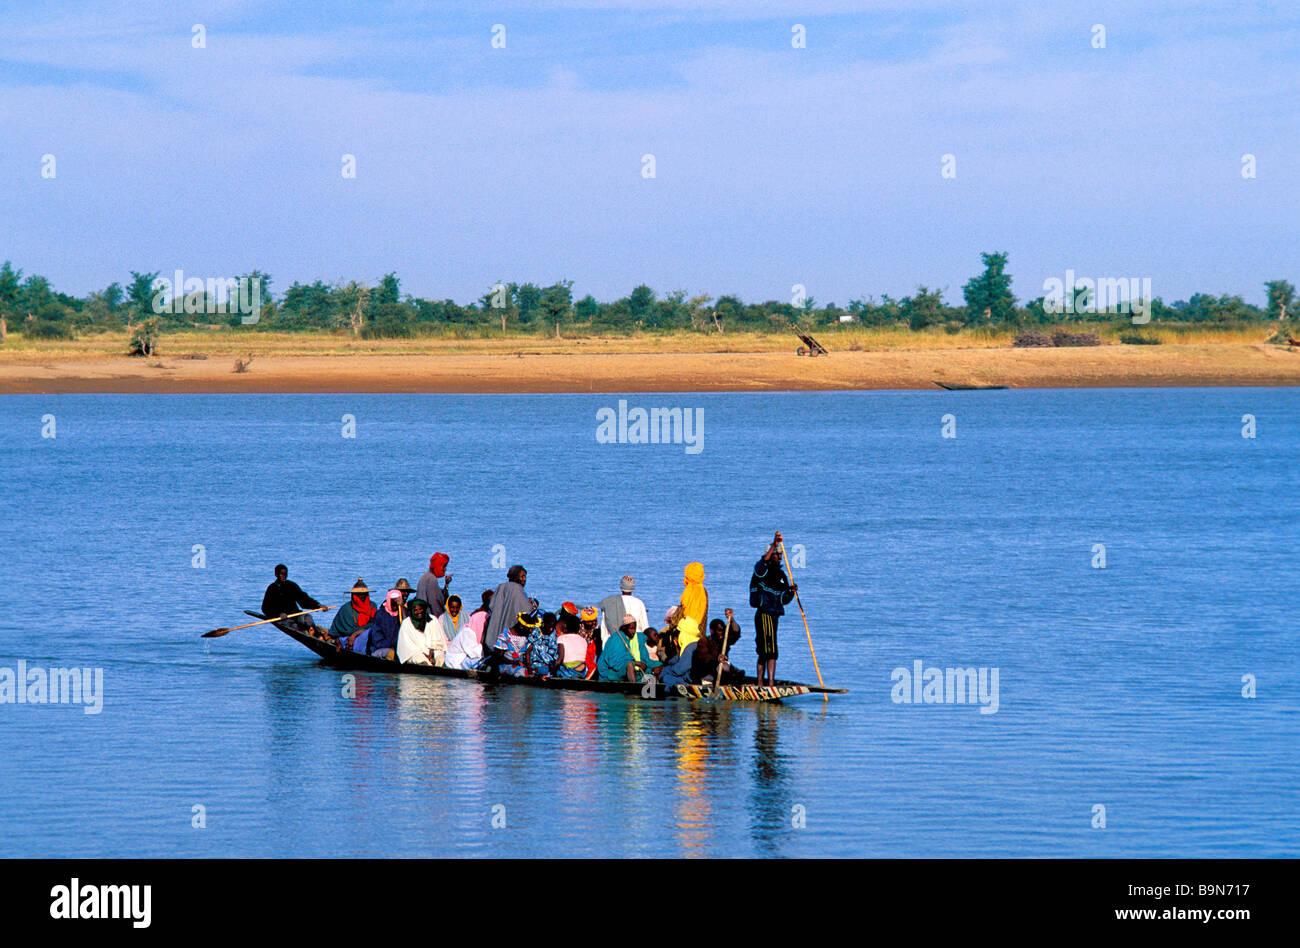 Malí, región de Mopti, Mopti, río Níger (embarcación tradicional) Foto de stock